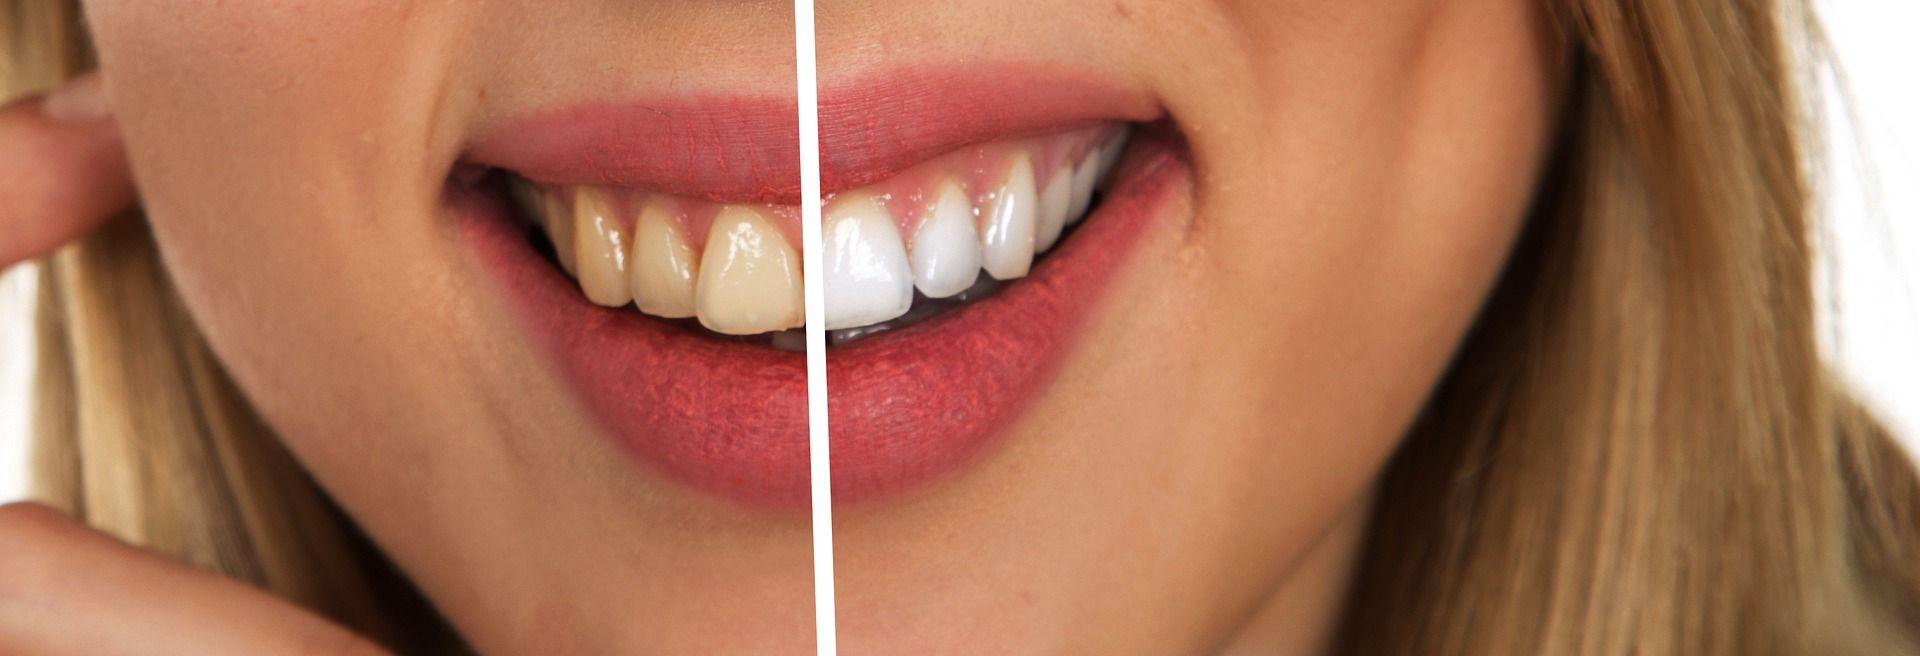 Aprenda A Clarear Seus Dentes Em Casa Gastando Pouco E Com